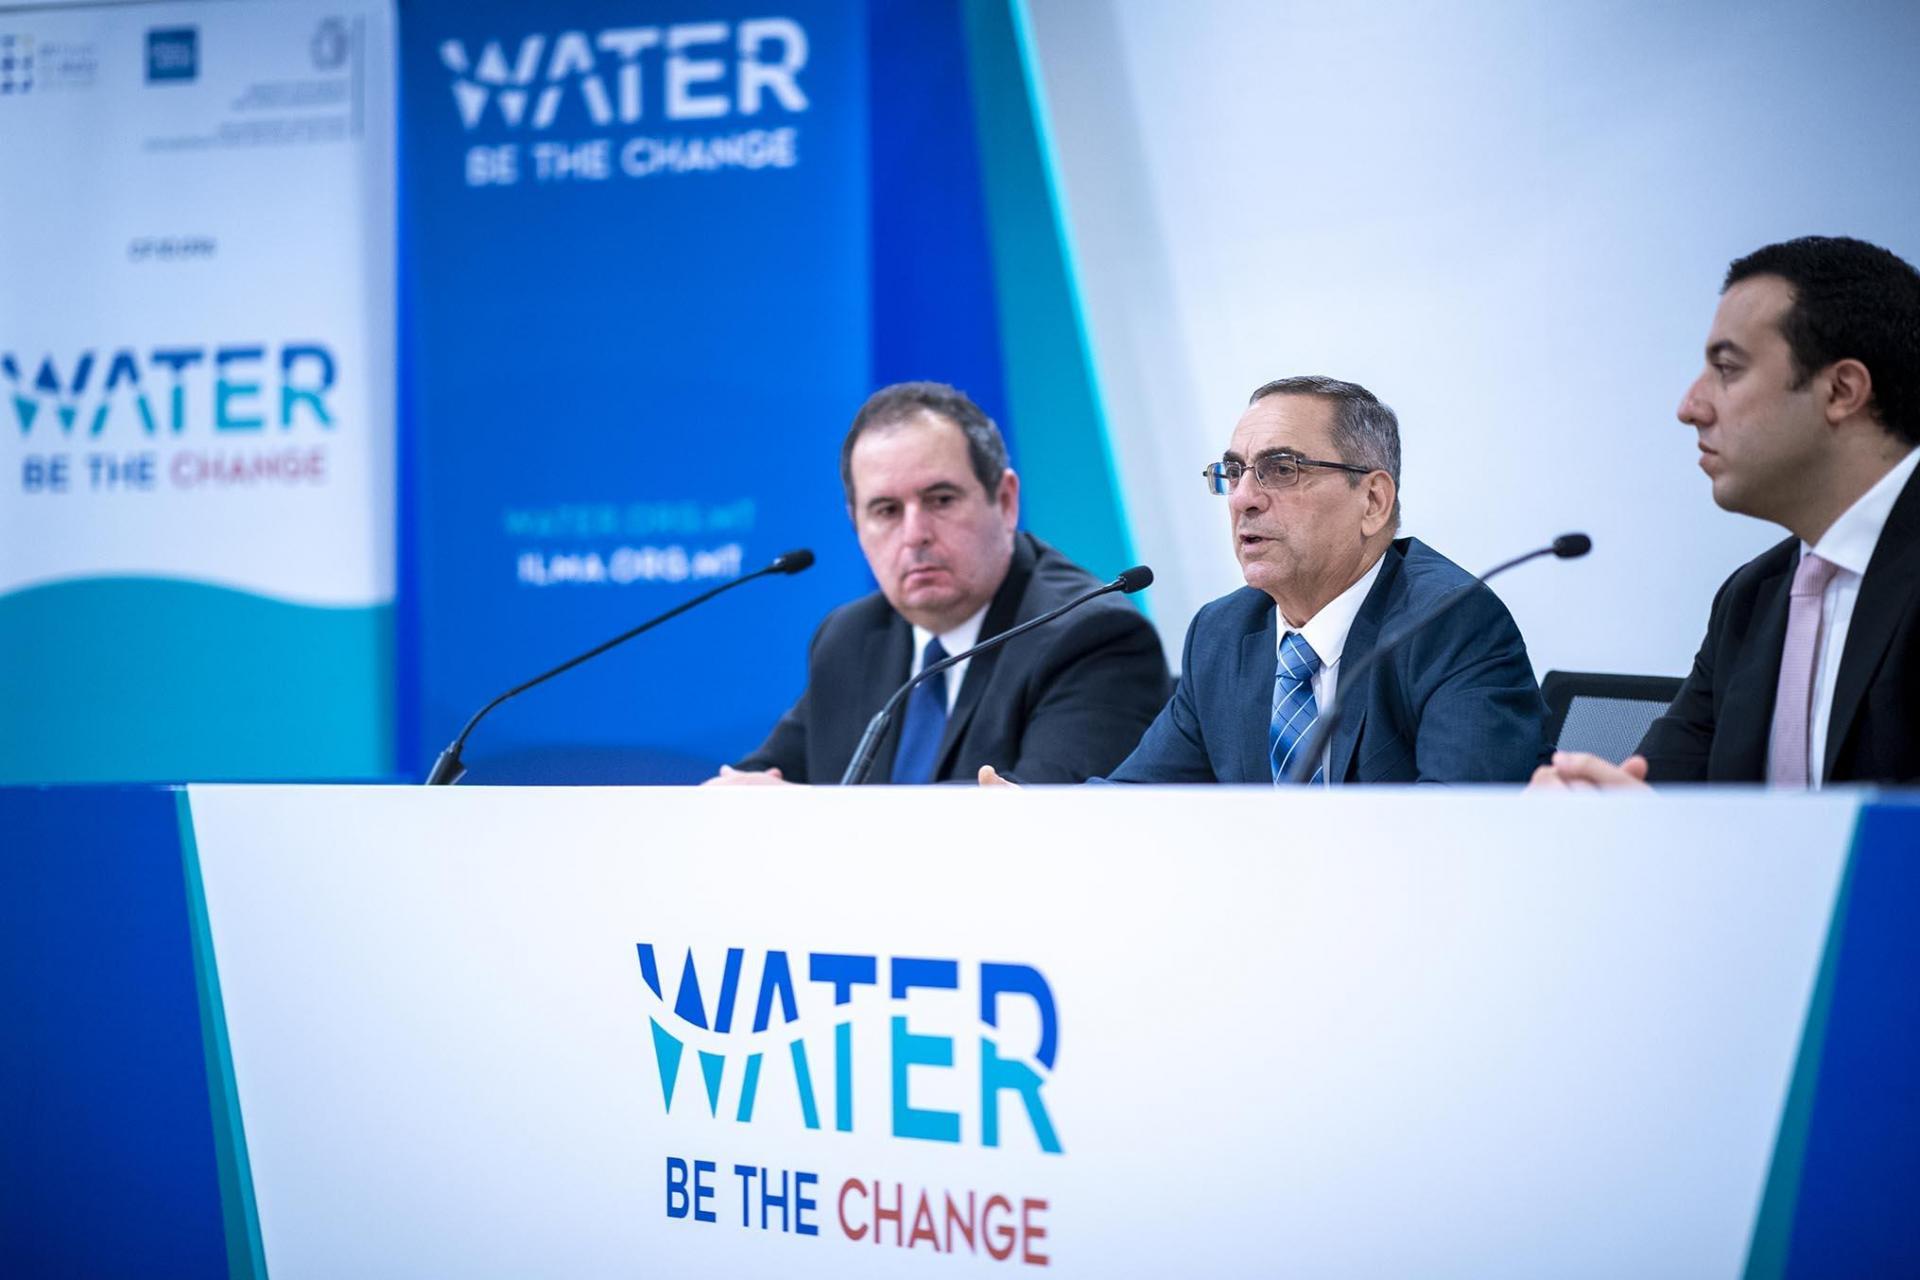 Water agency CEO Manuel Sapiano, minister Joe Mizzi and parliamentary secretary Clint Camilleri. Photo: DOI/Jason Borg